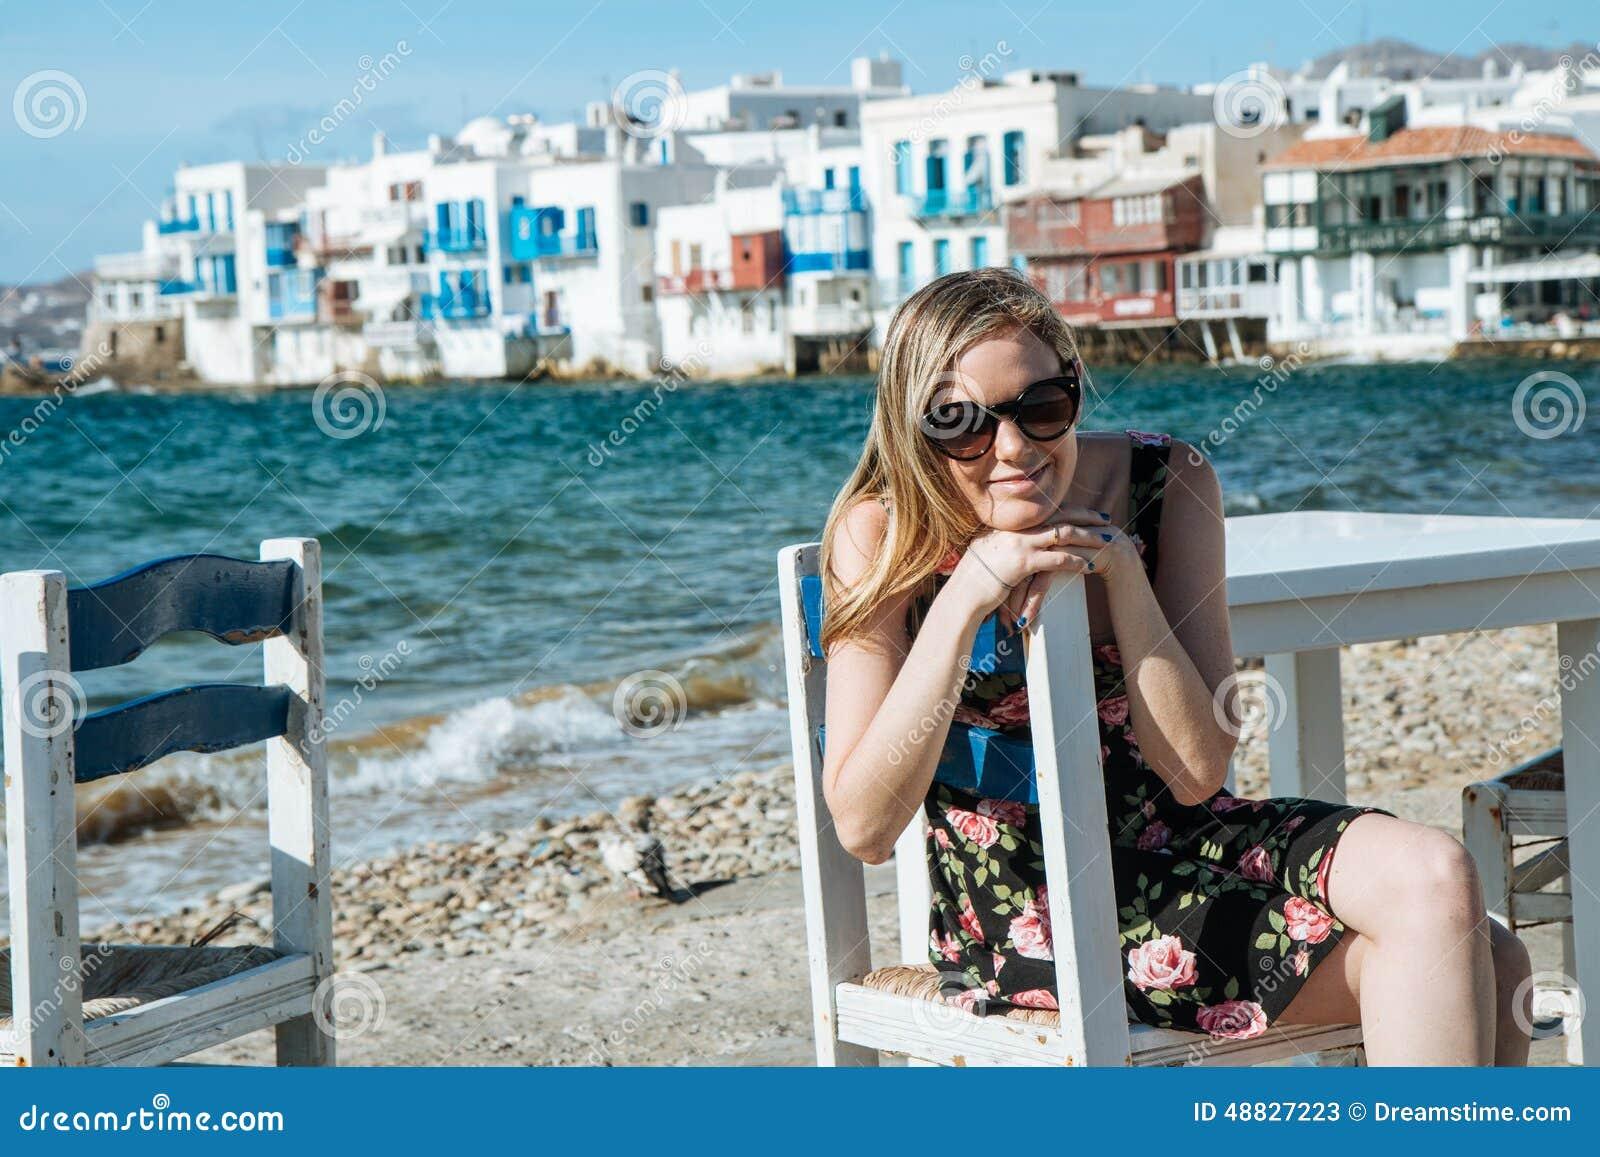 Blondemeisje die met zonnebril op een stoel bij het strand zitten